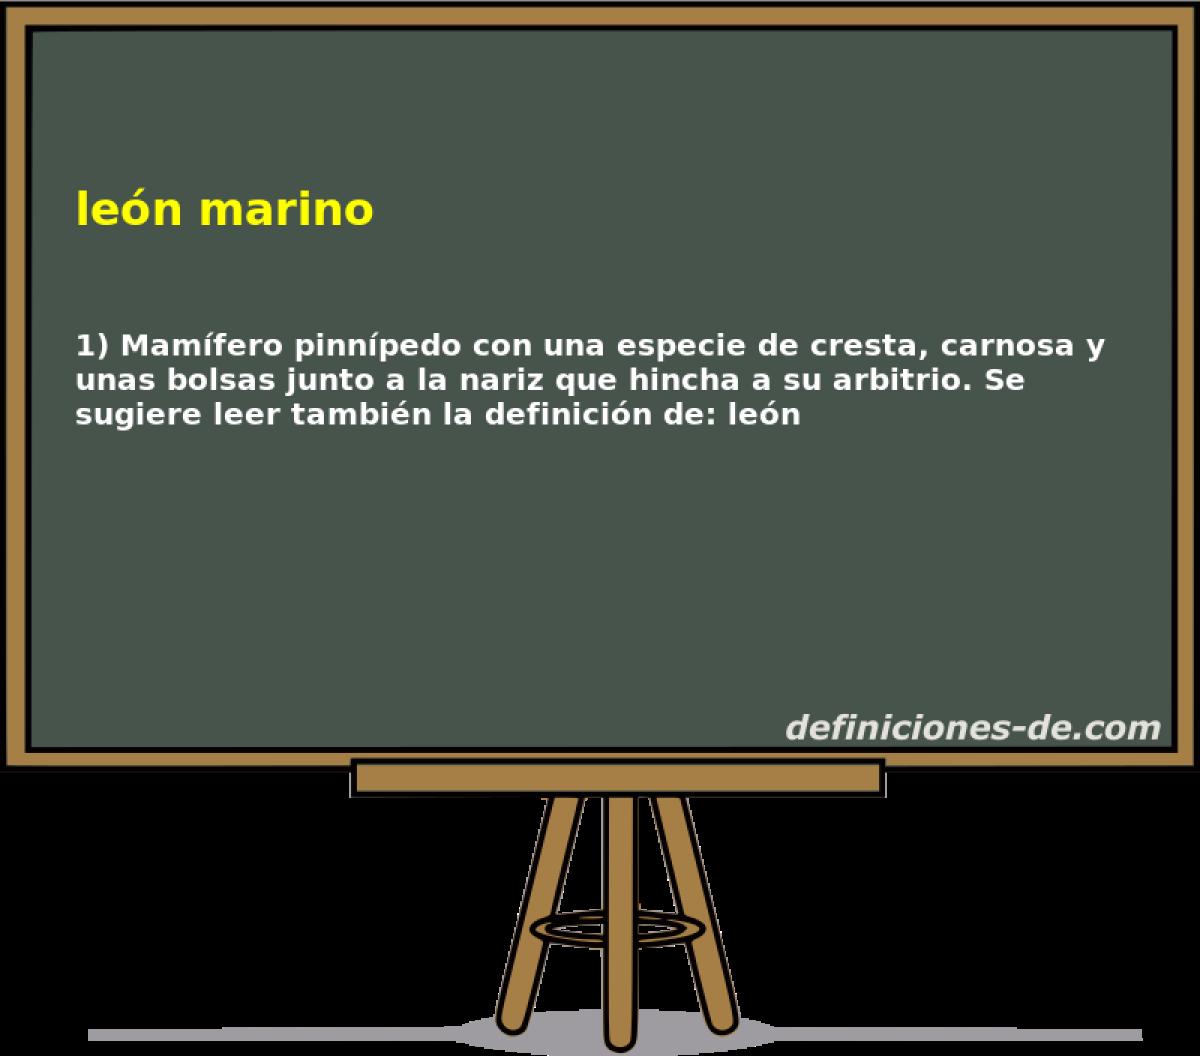 Qué significa León marino?